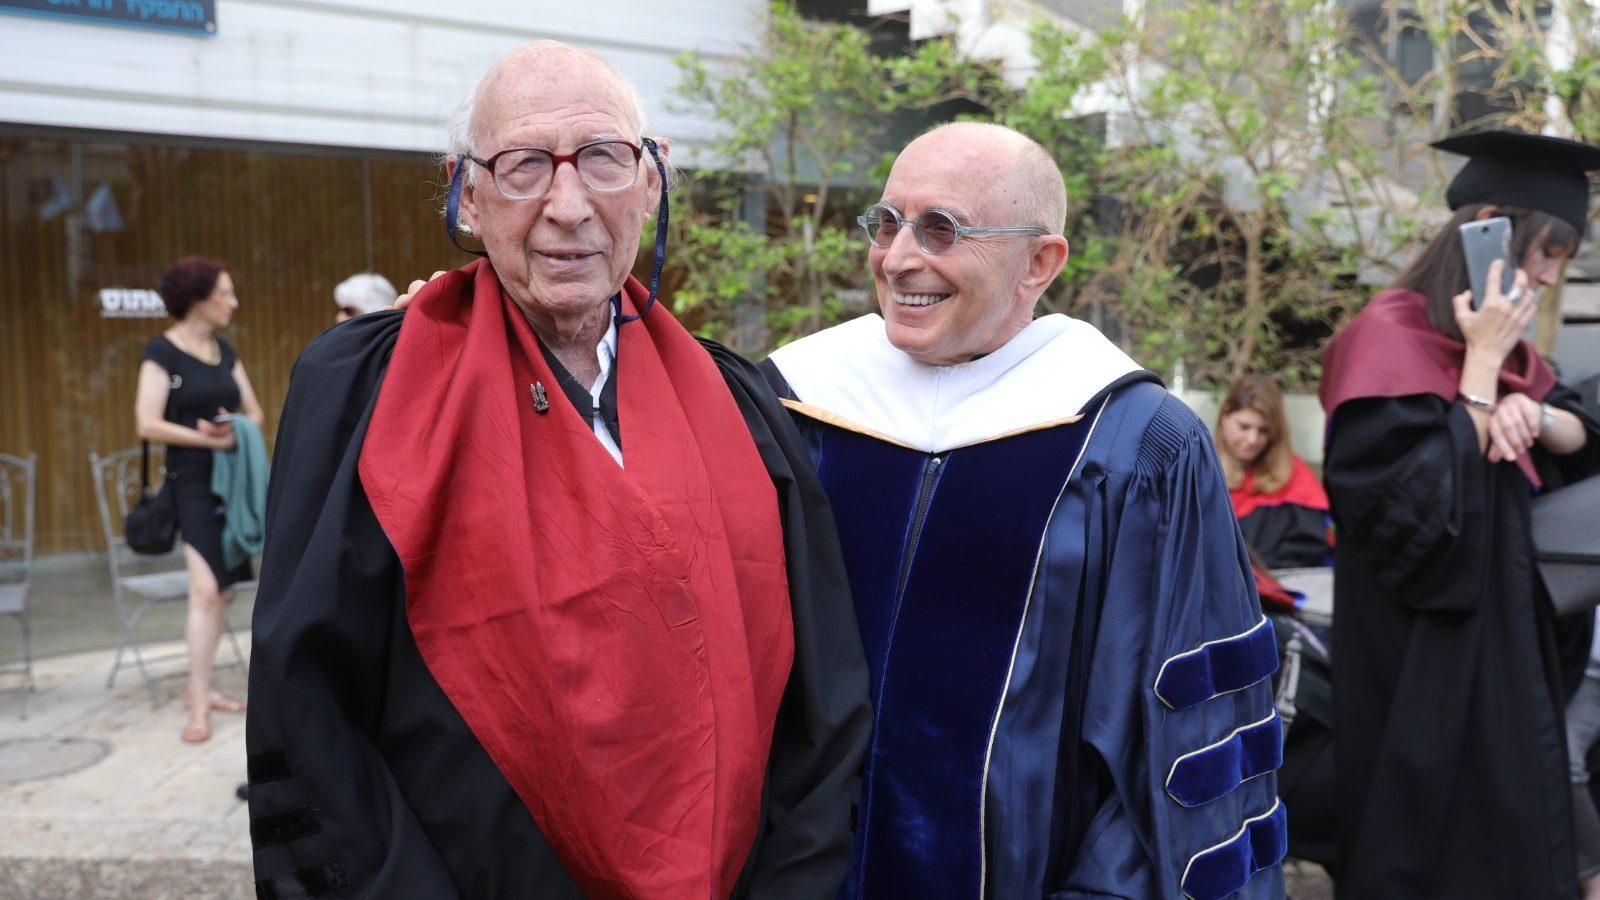 """""""את התזה שלי אציג בדיבור ולא בטכנולוגיה"""": בגיל 90, גבי ברשי קיבל דוקטורט בחוג למקרא באוניברסיטת חיפה"""